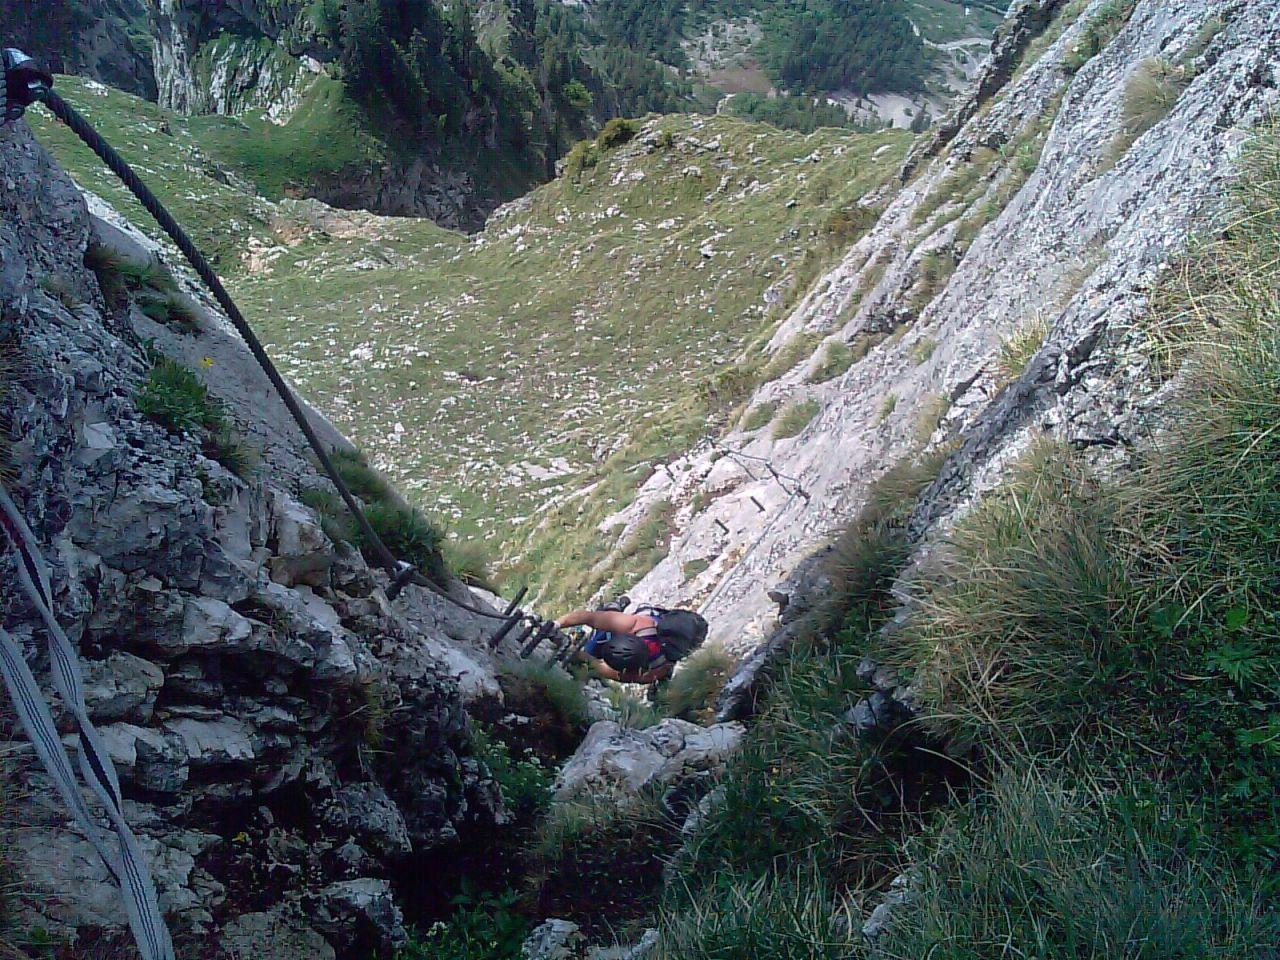 Klettersteig Eisenerz : Leichtsinn klettersteig war gesperrt hubschrauber musste männer